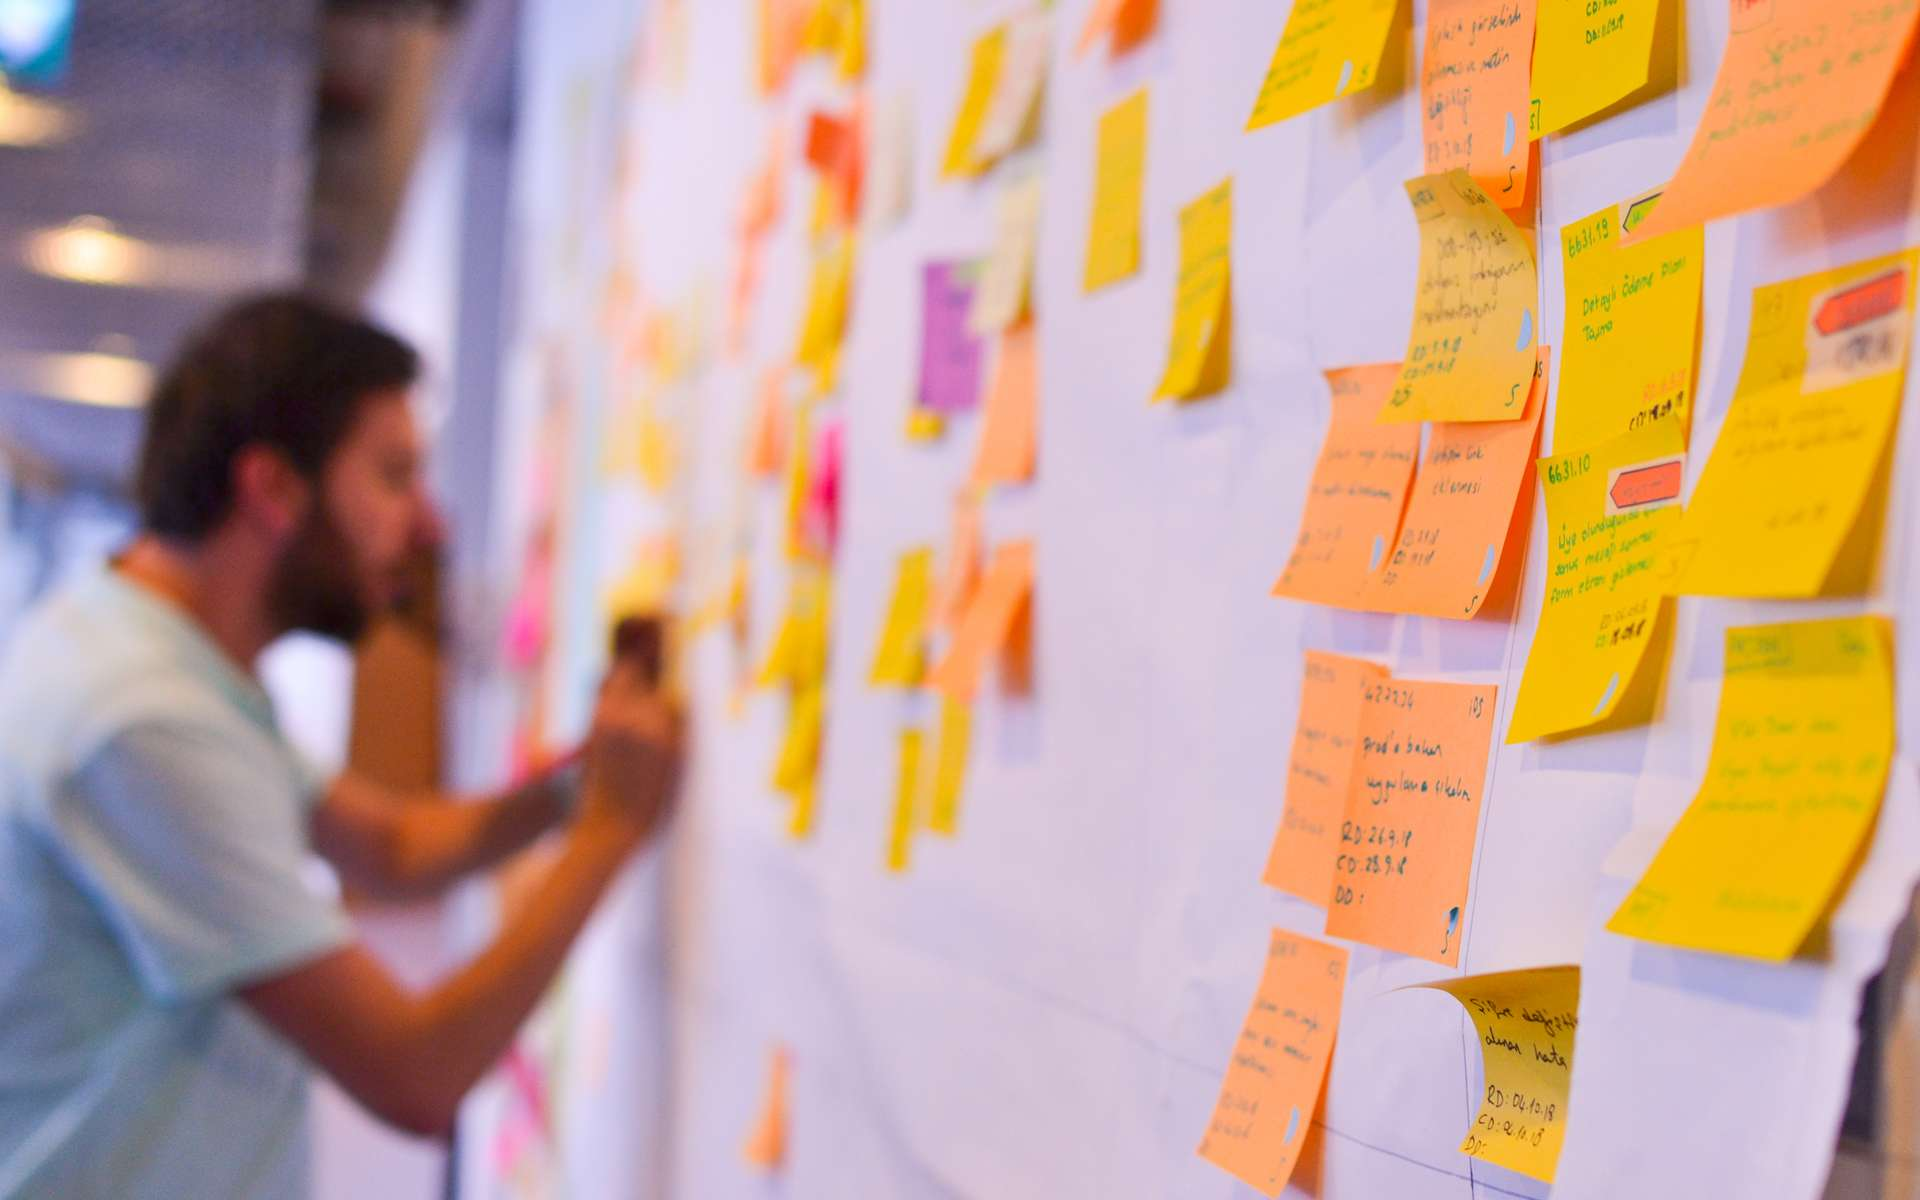 Le product owner donne à son équipe différents minis projets à réaliser afin de faire progresser l'ensemble de la mission. © Berk, Adobe Stock.